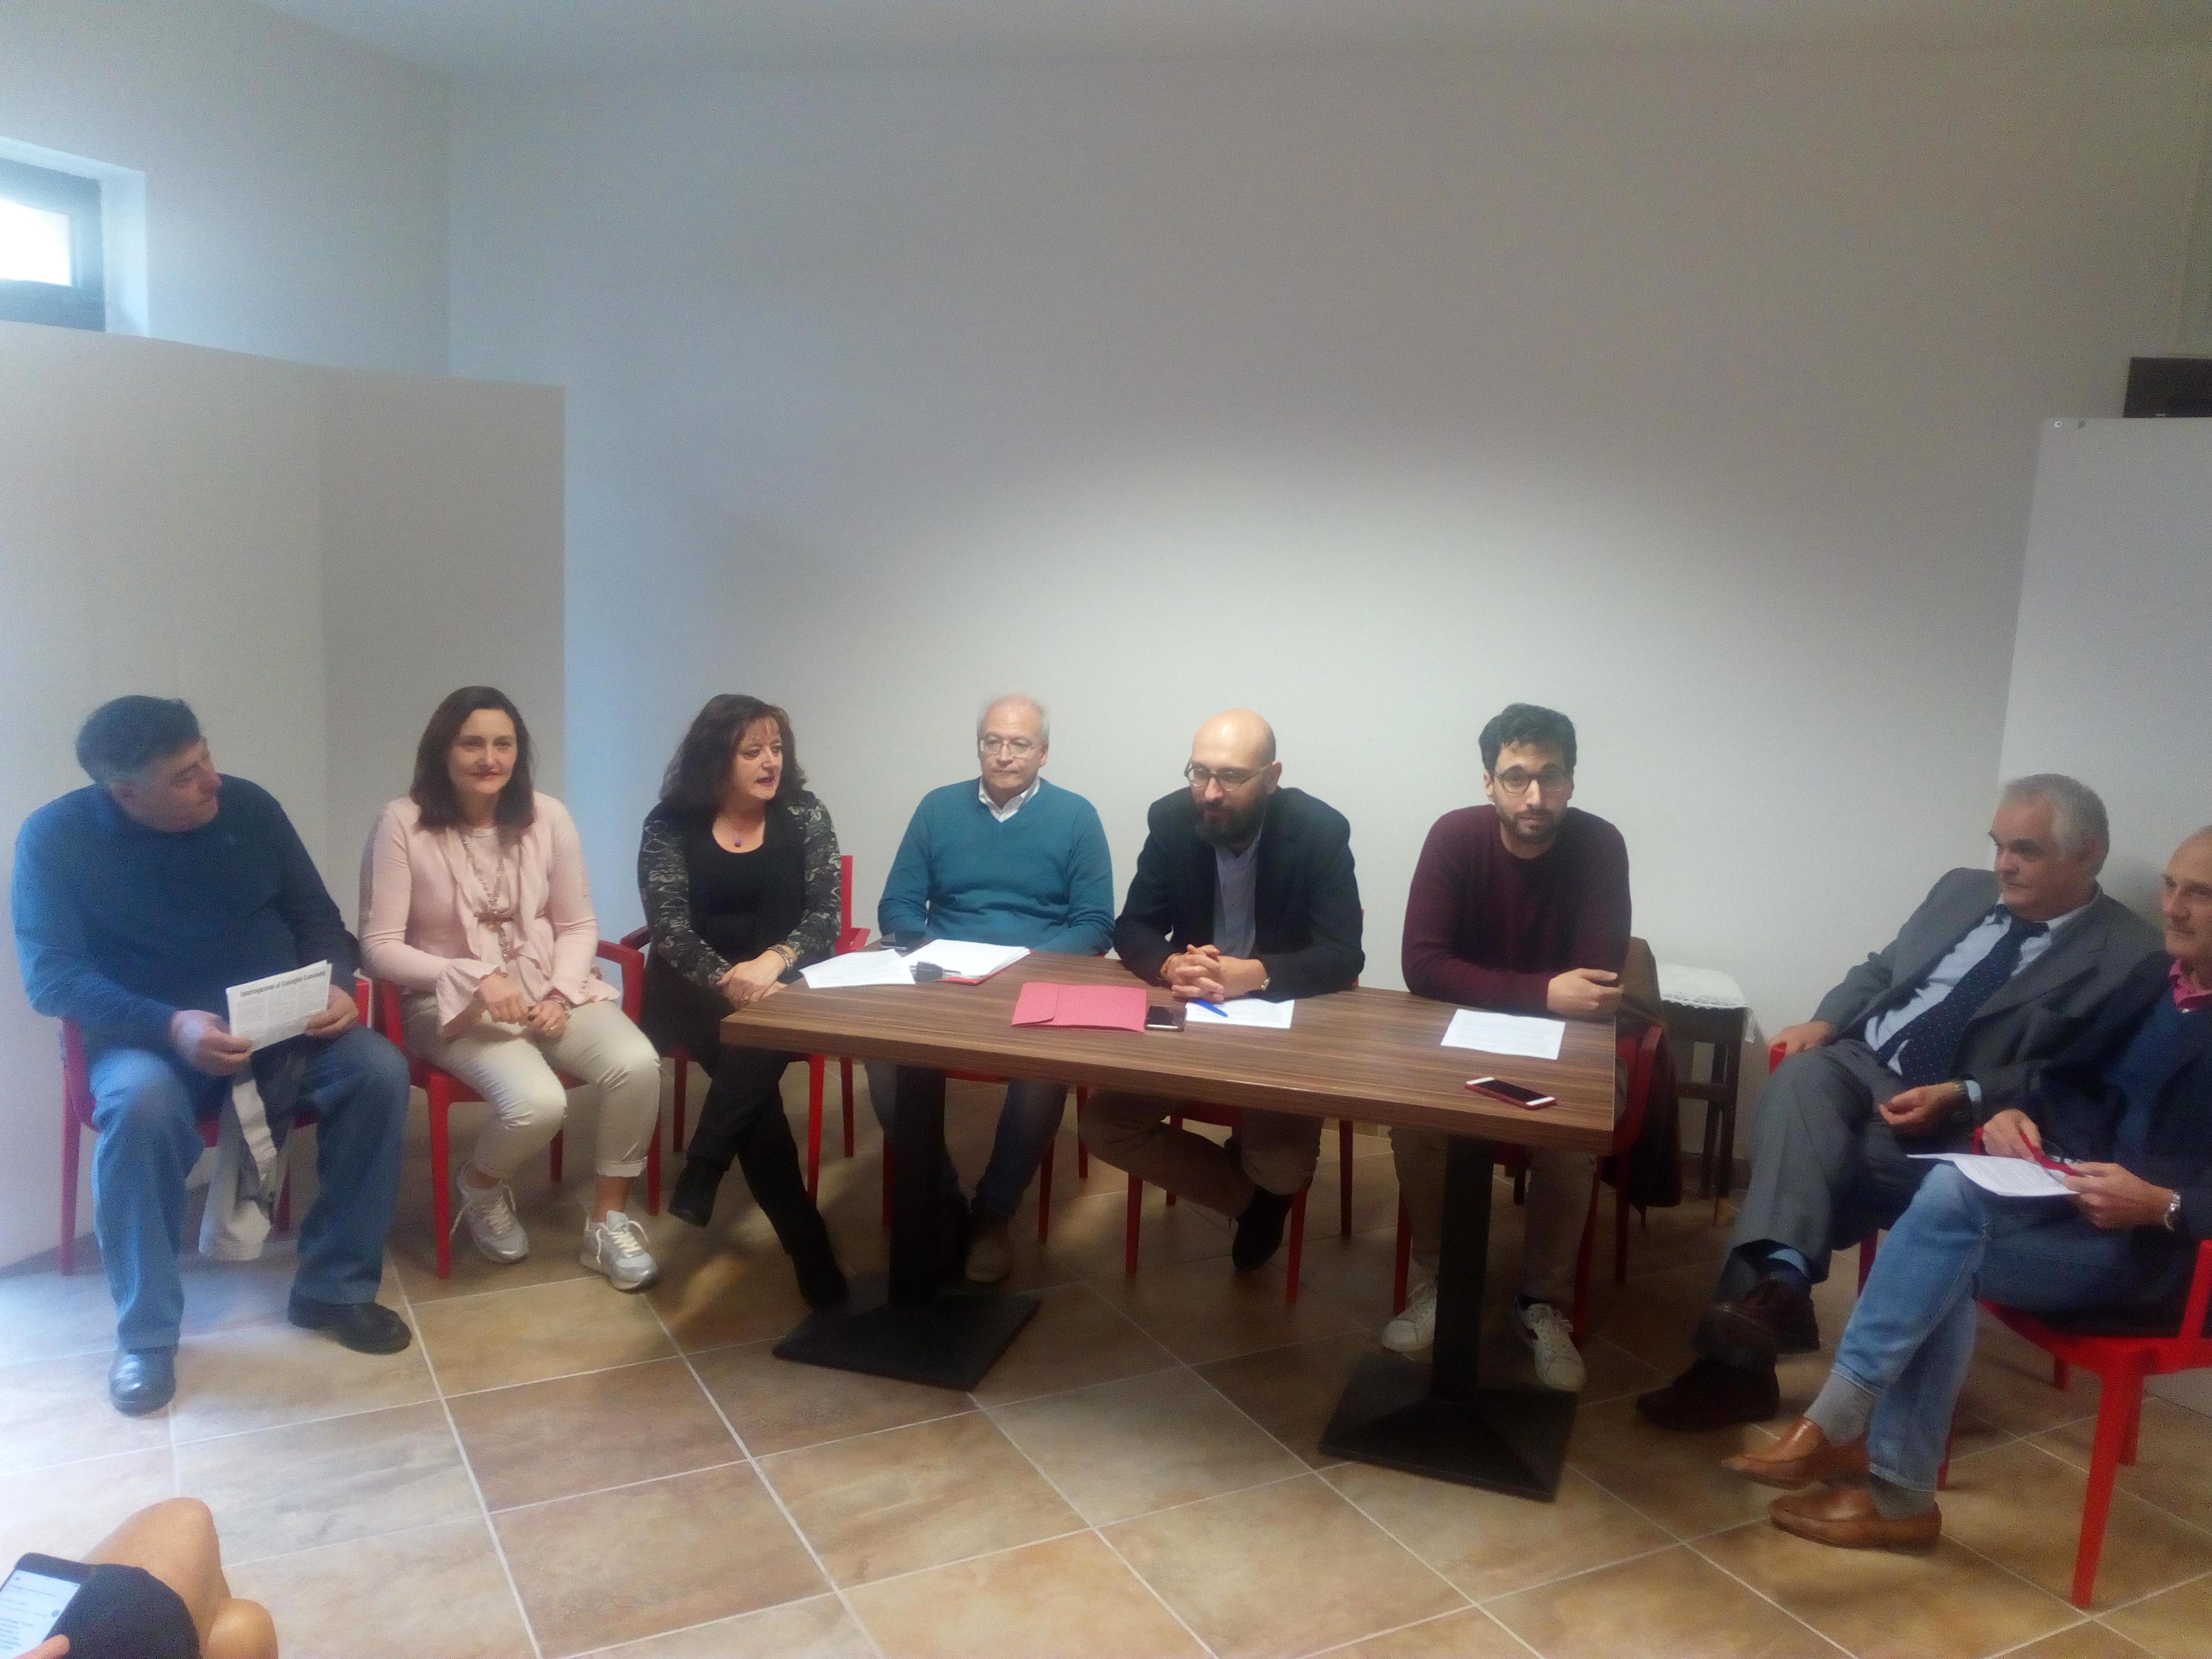 Centrosinistra unito a Castiglion Fiorentino, partito il percorso verso le elezioni 2019